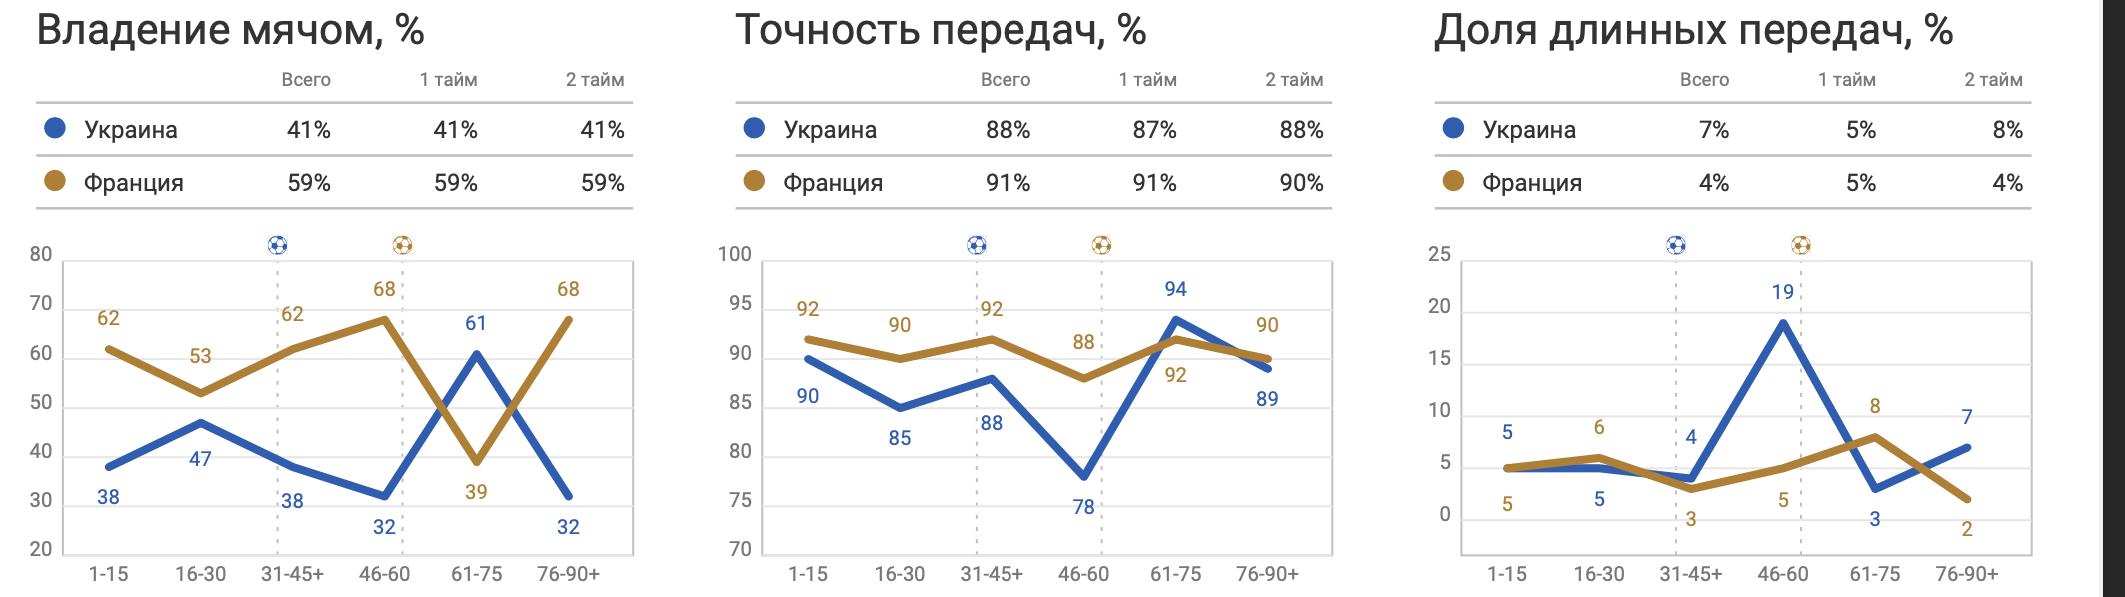 Украина - Франция: Николай Матвиенко - лучший по количеству передач, или Еще немного до французов - изображение 1